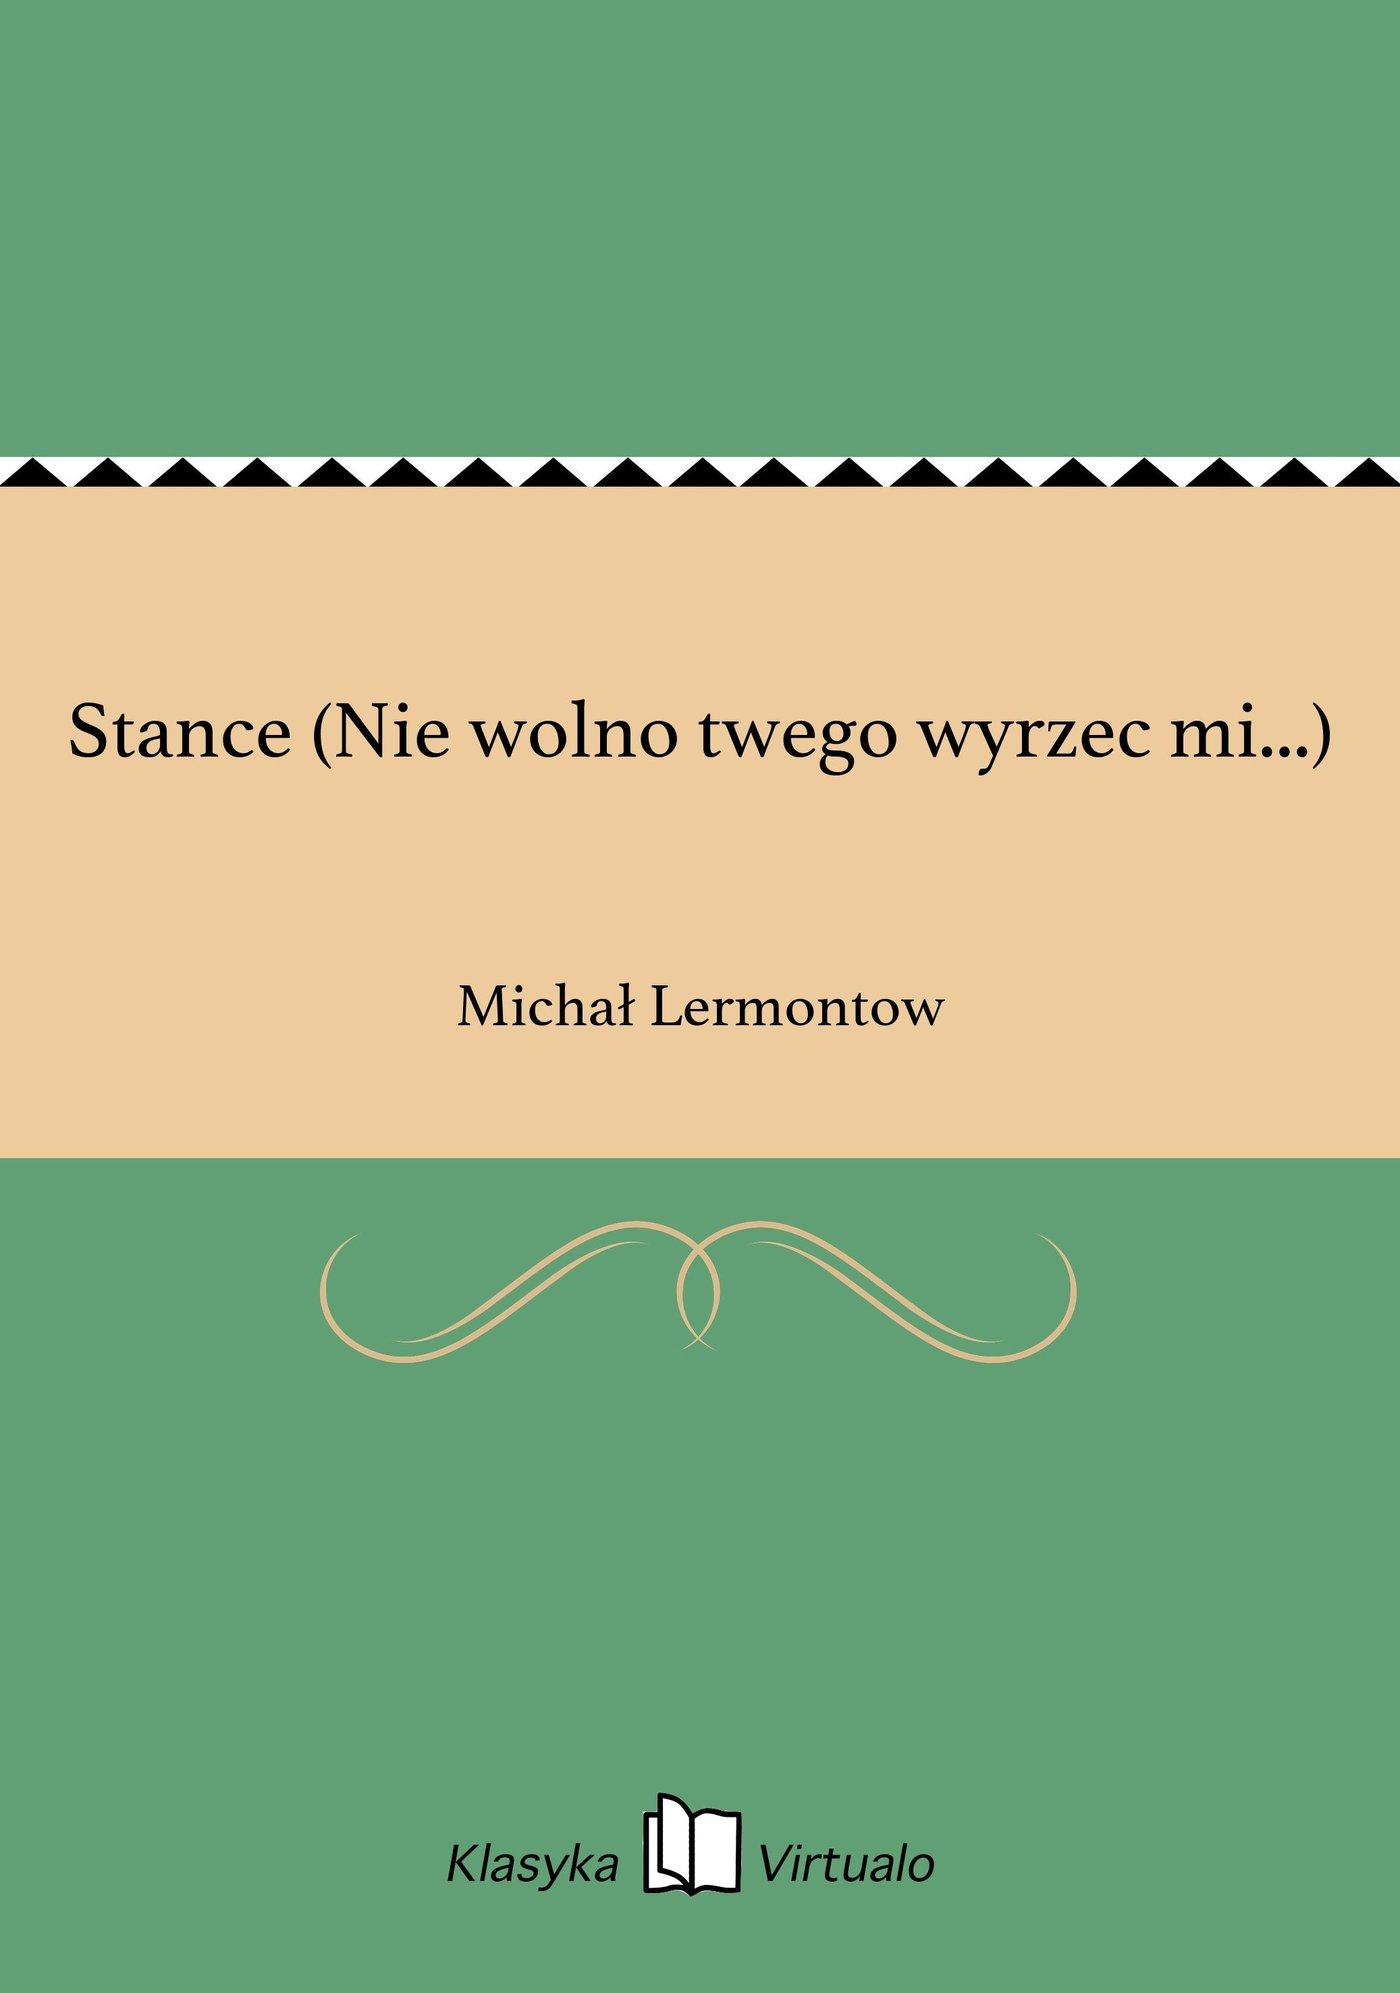 Stance (Nie wolno twego wyrzec mi...) - Ebook (Książka na Kindle) do pobrania w formacie MOBI